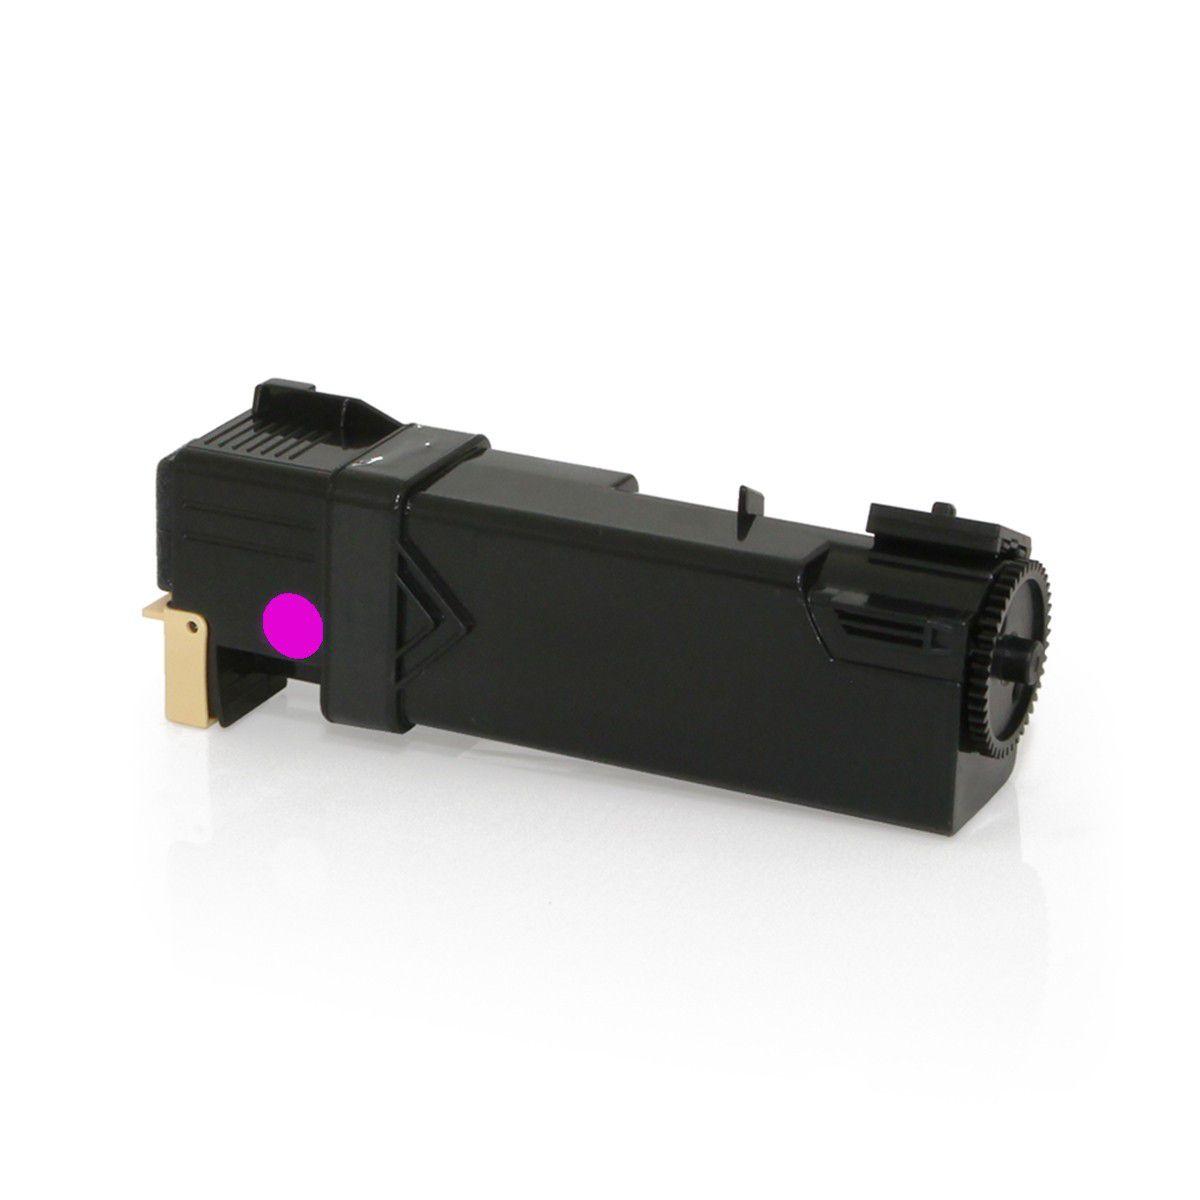 Toner compatível com XEROX WORKCENTRE 6505 PHASER 6500 106R01595 Magenta 2.500 Páginas - Cartucho & Cia